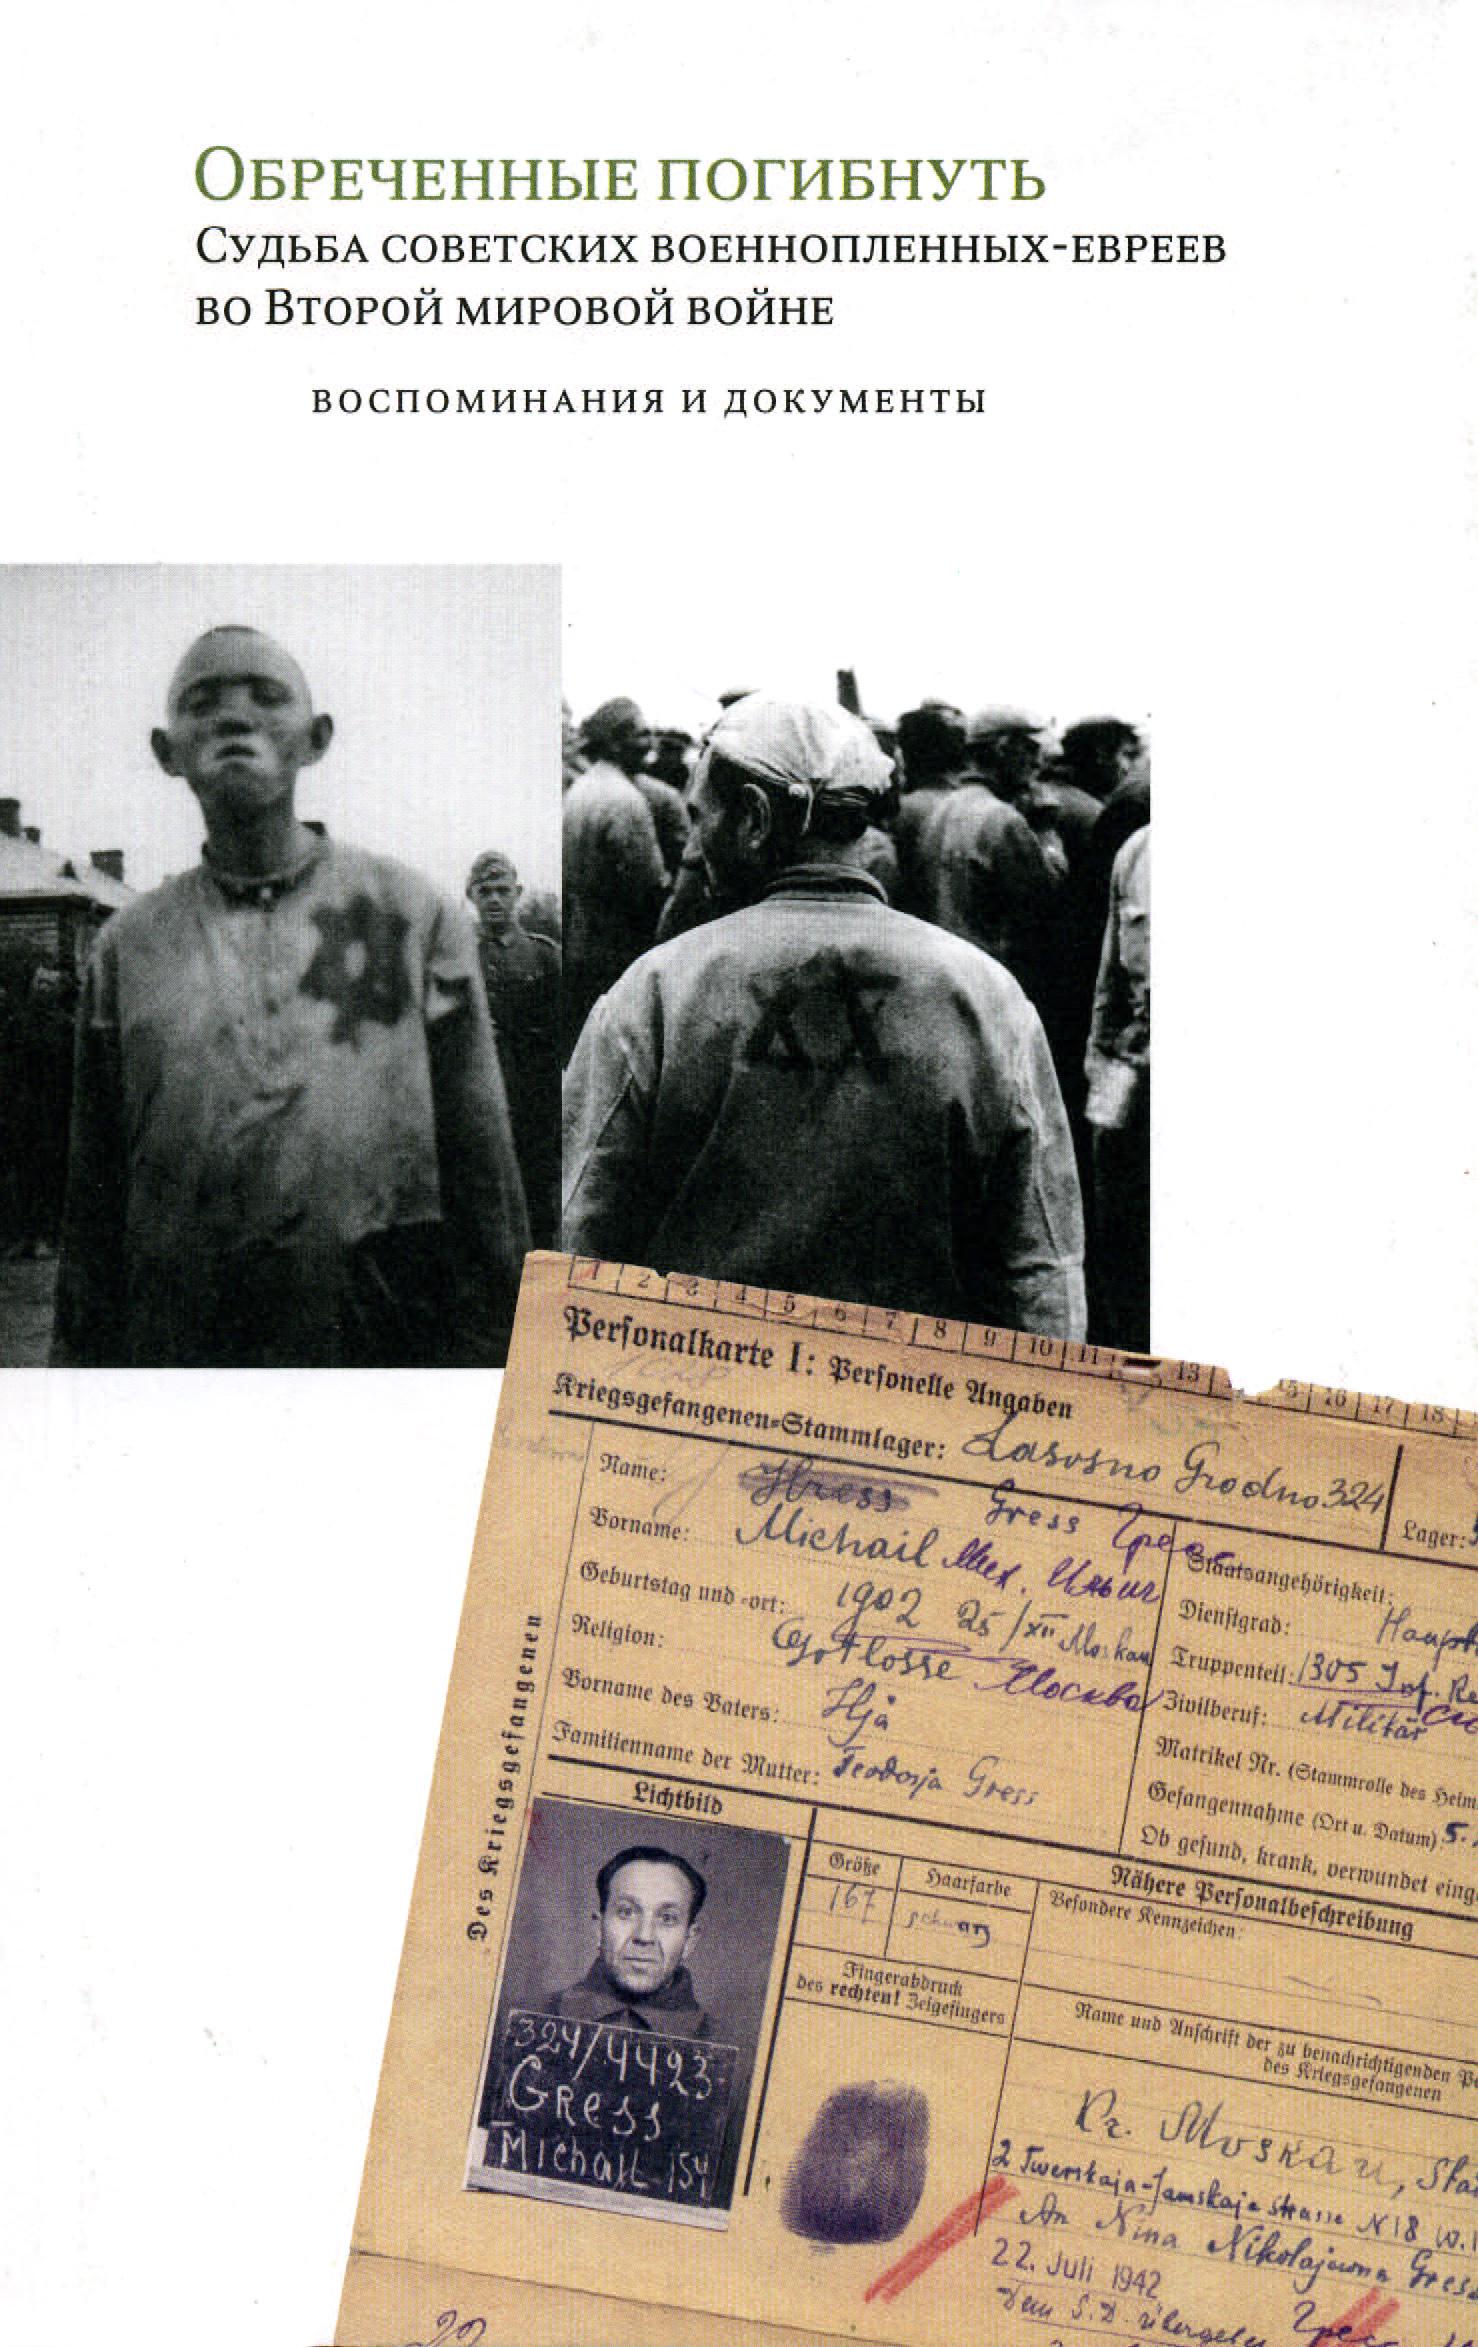 Отсутствует Обреченные погибнуть. Судьба советских военнопленных-евреев во Второй мировой войне: Воспоминания и документы